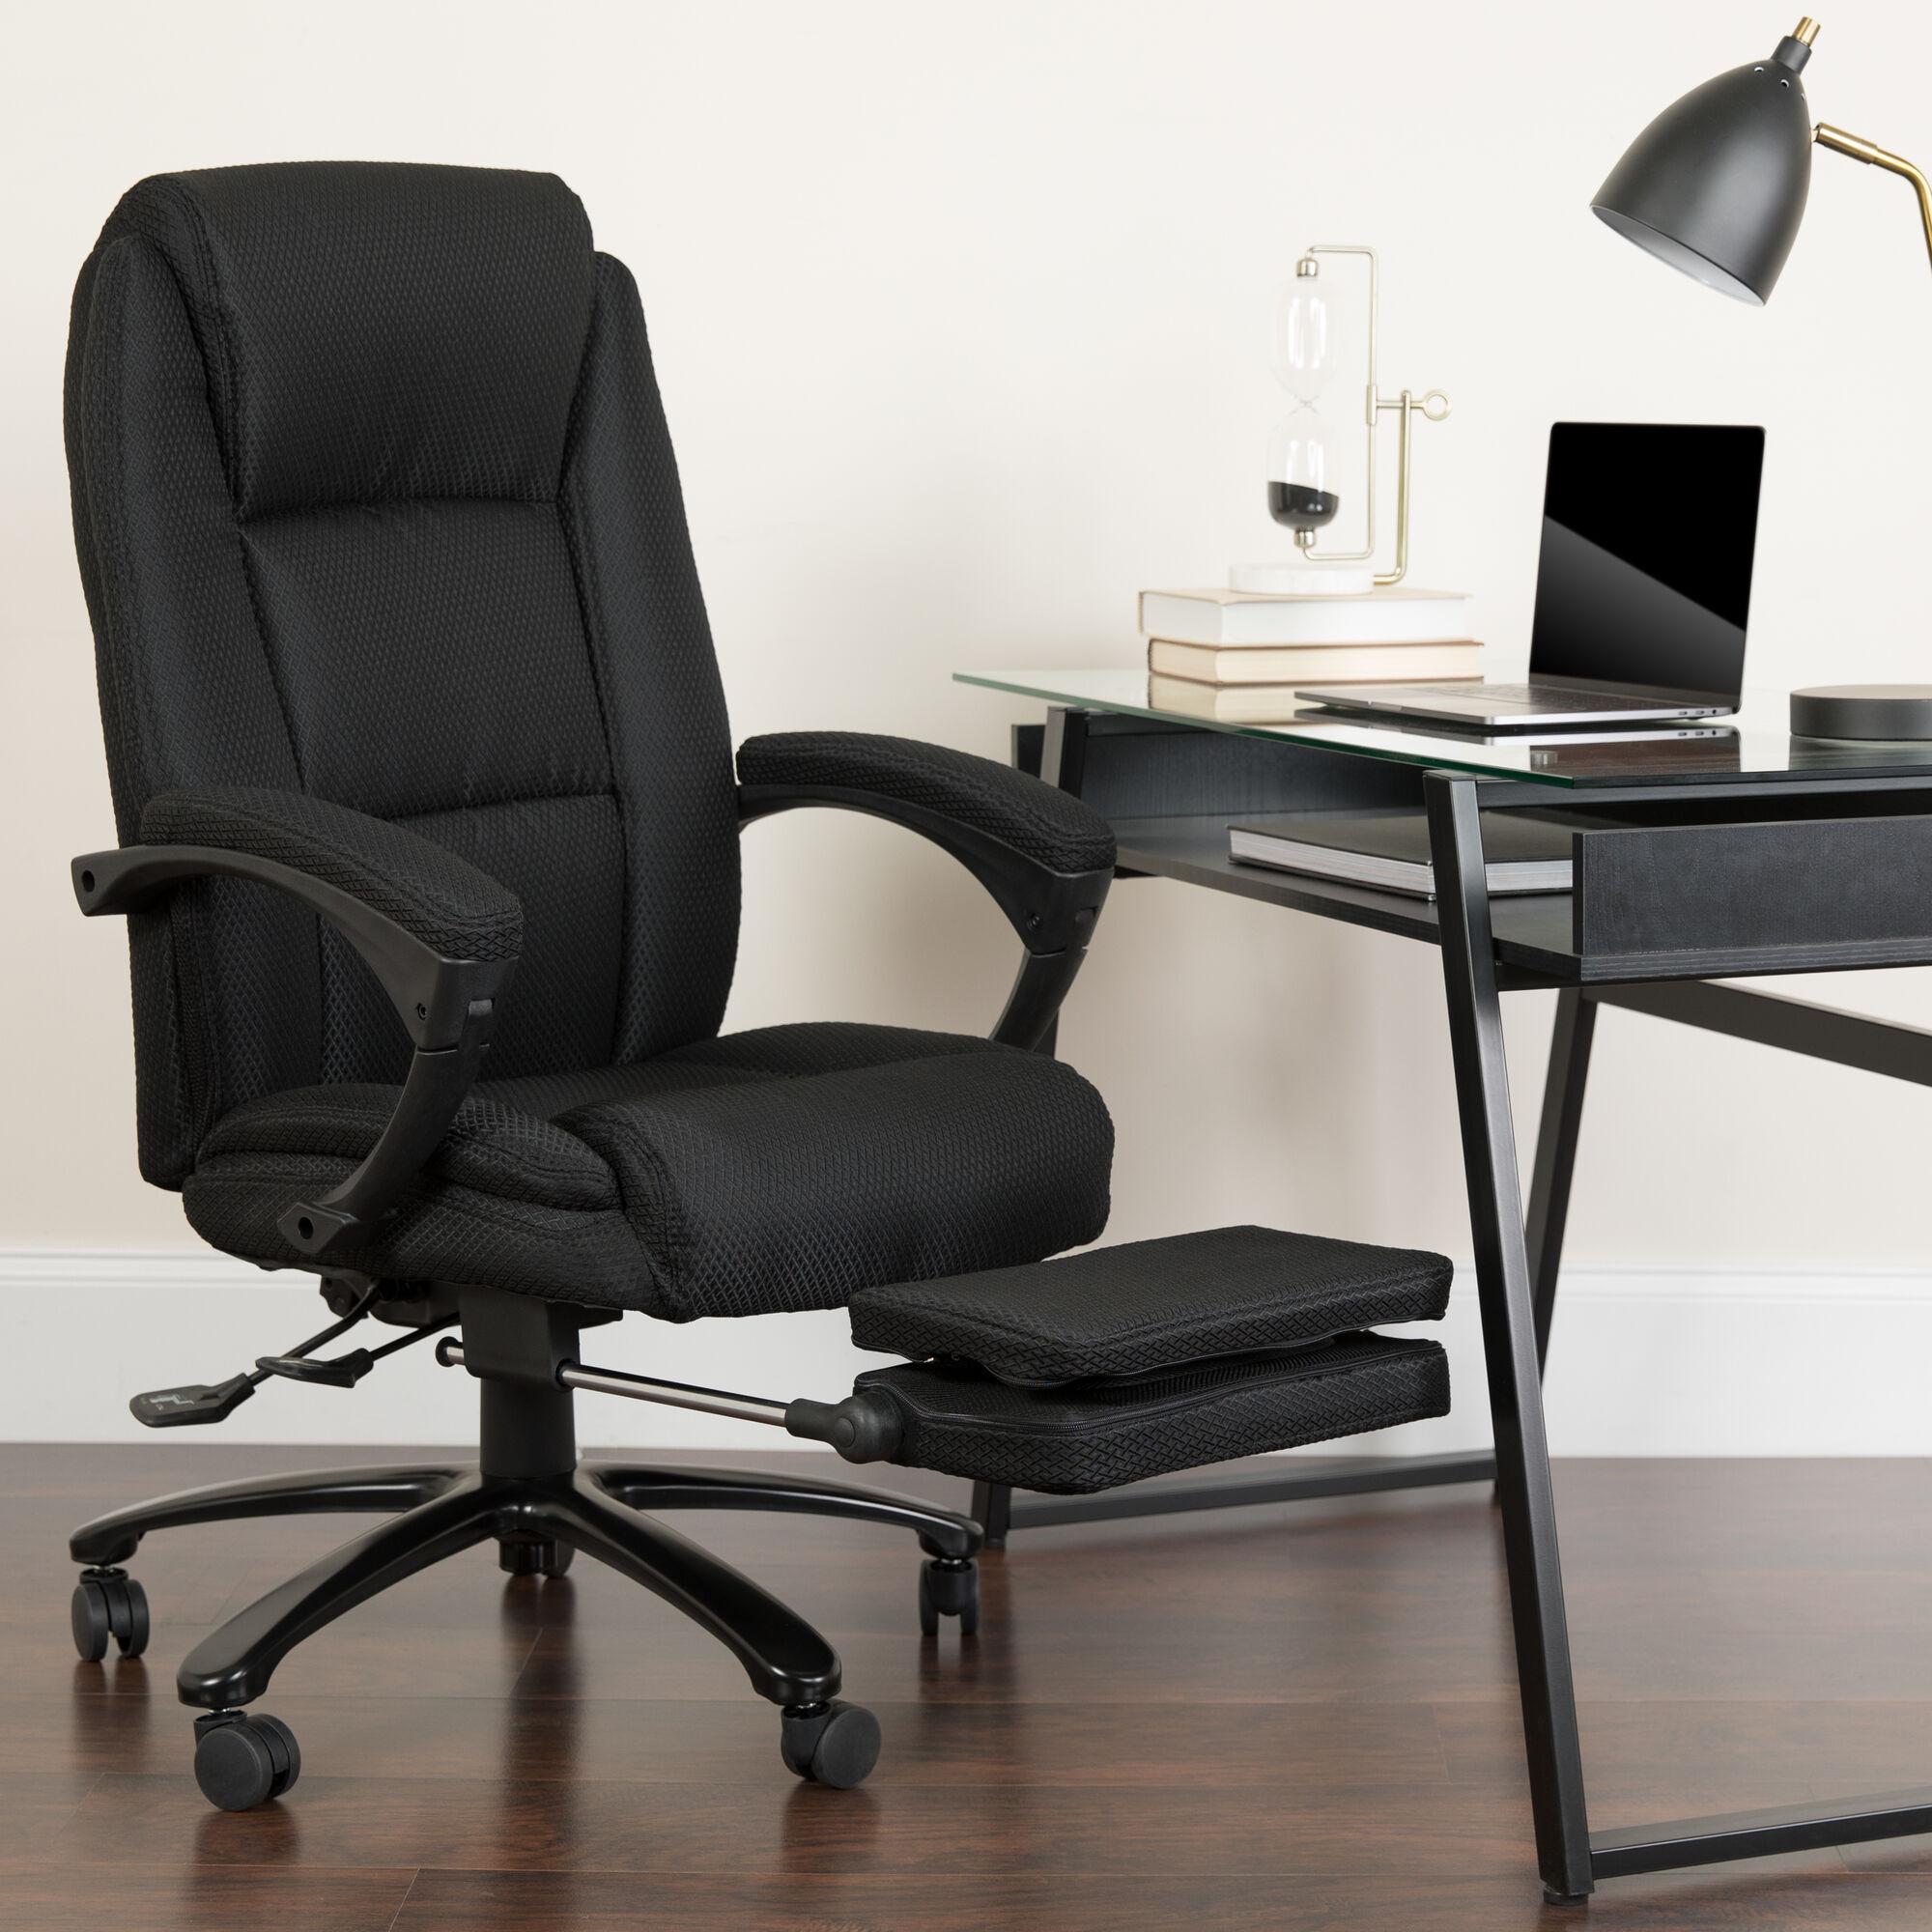 Black Reclining Chair Bt 90288h Bk Gg Bizchair Com